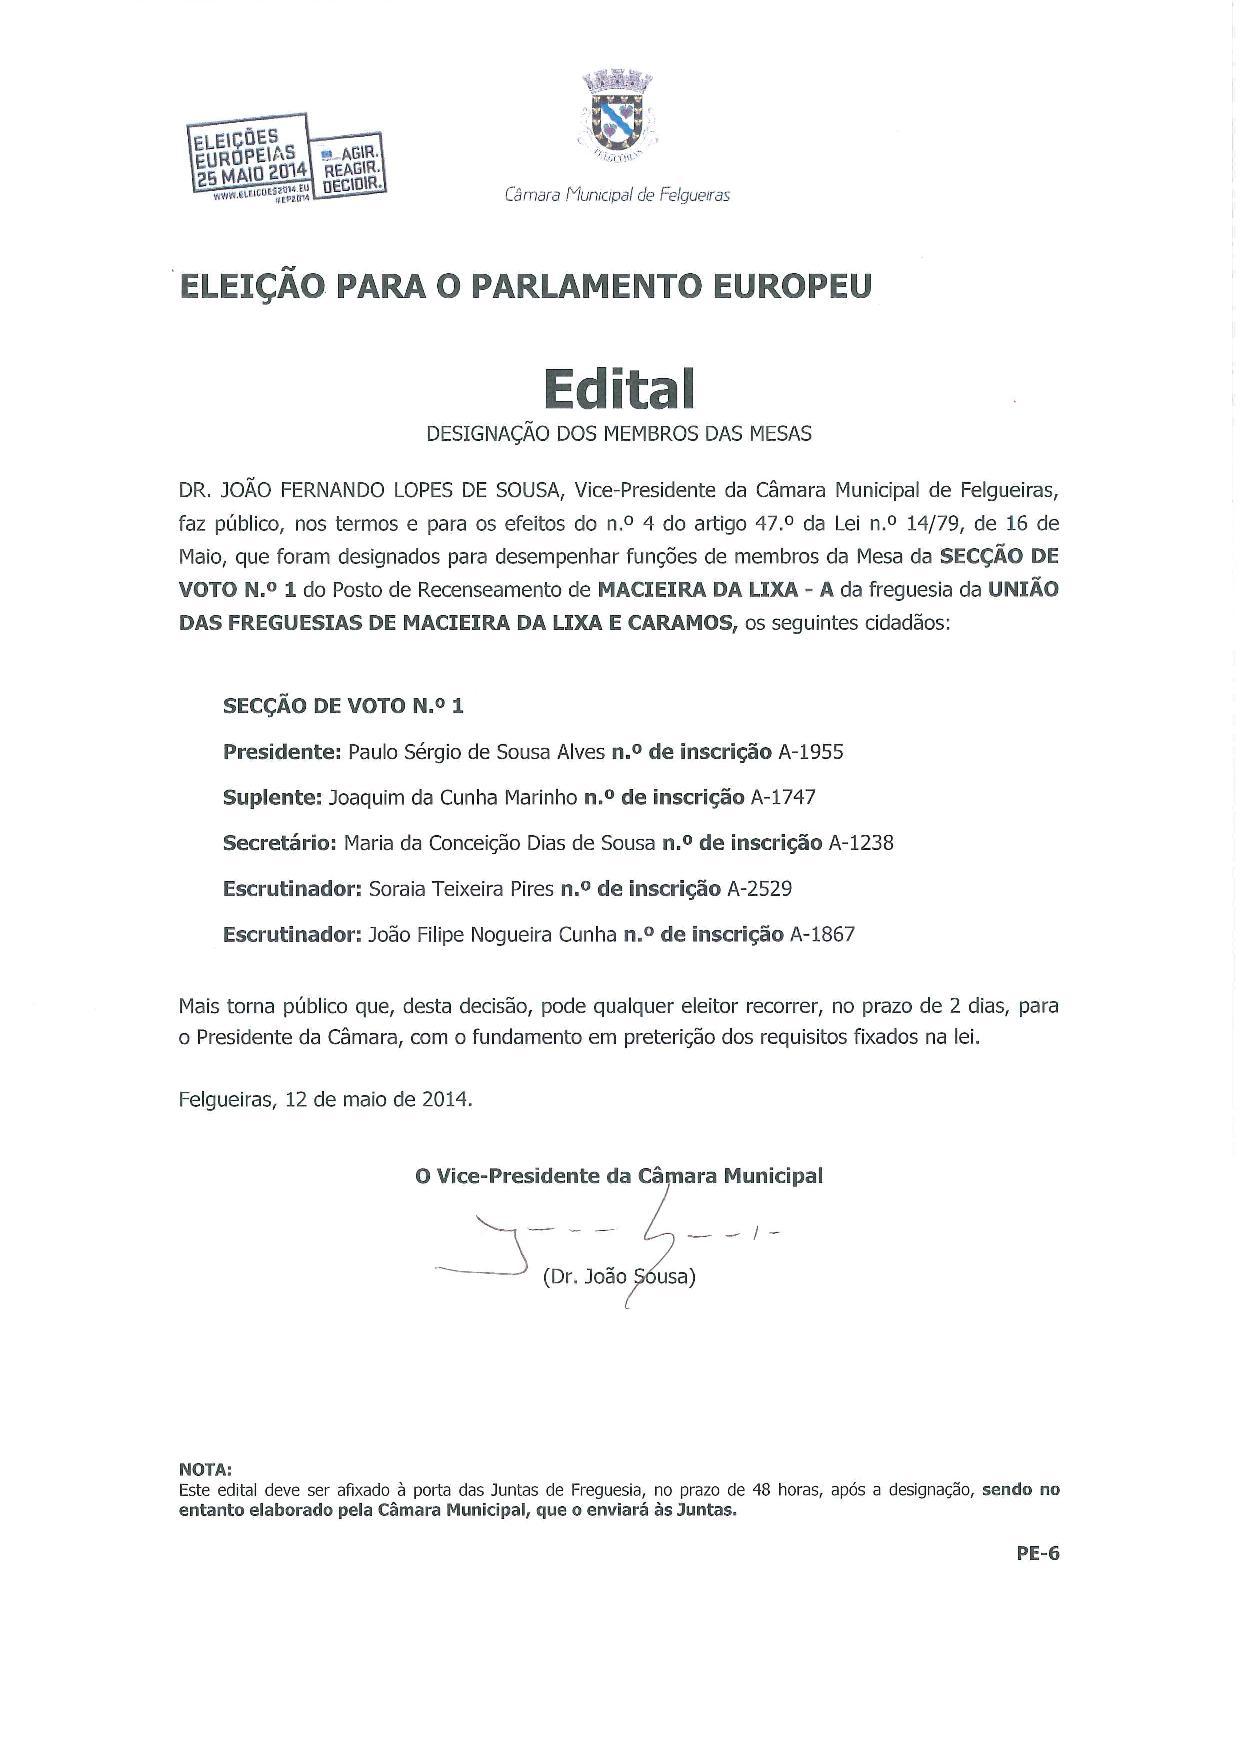 Edital_mesas_Macieira Lixa e Caramos-page-001